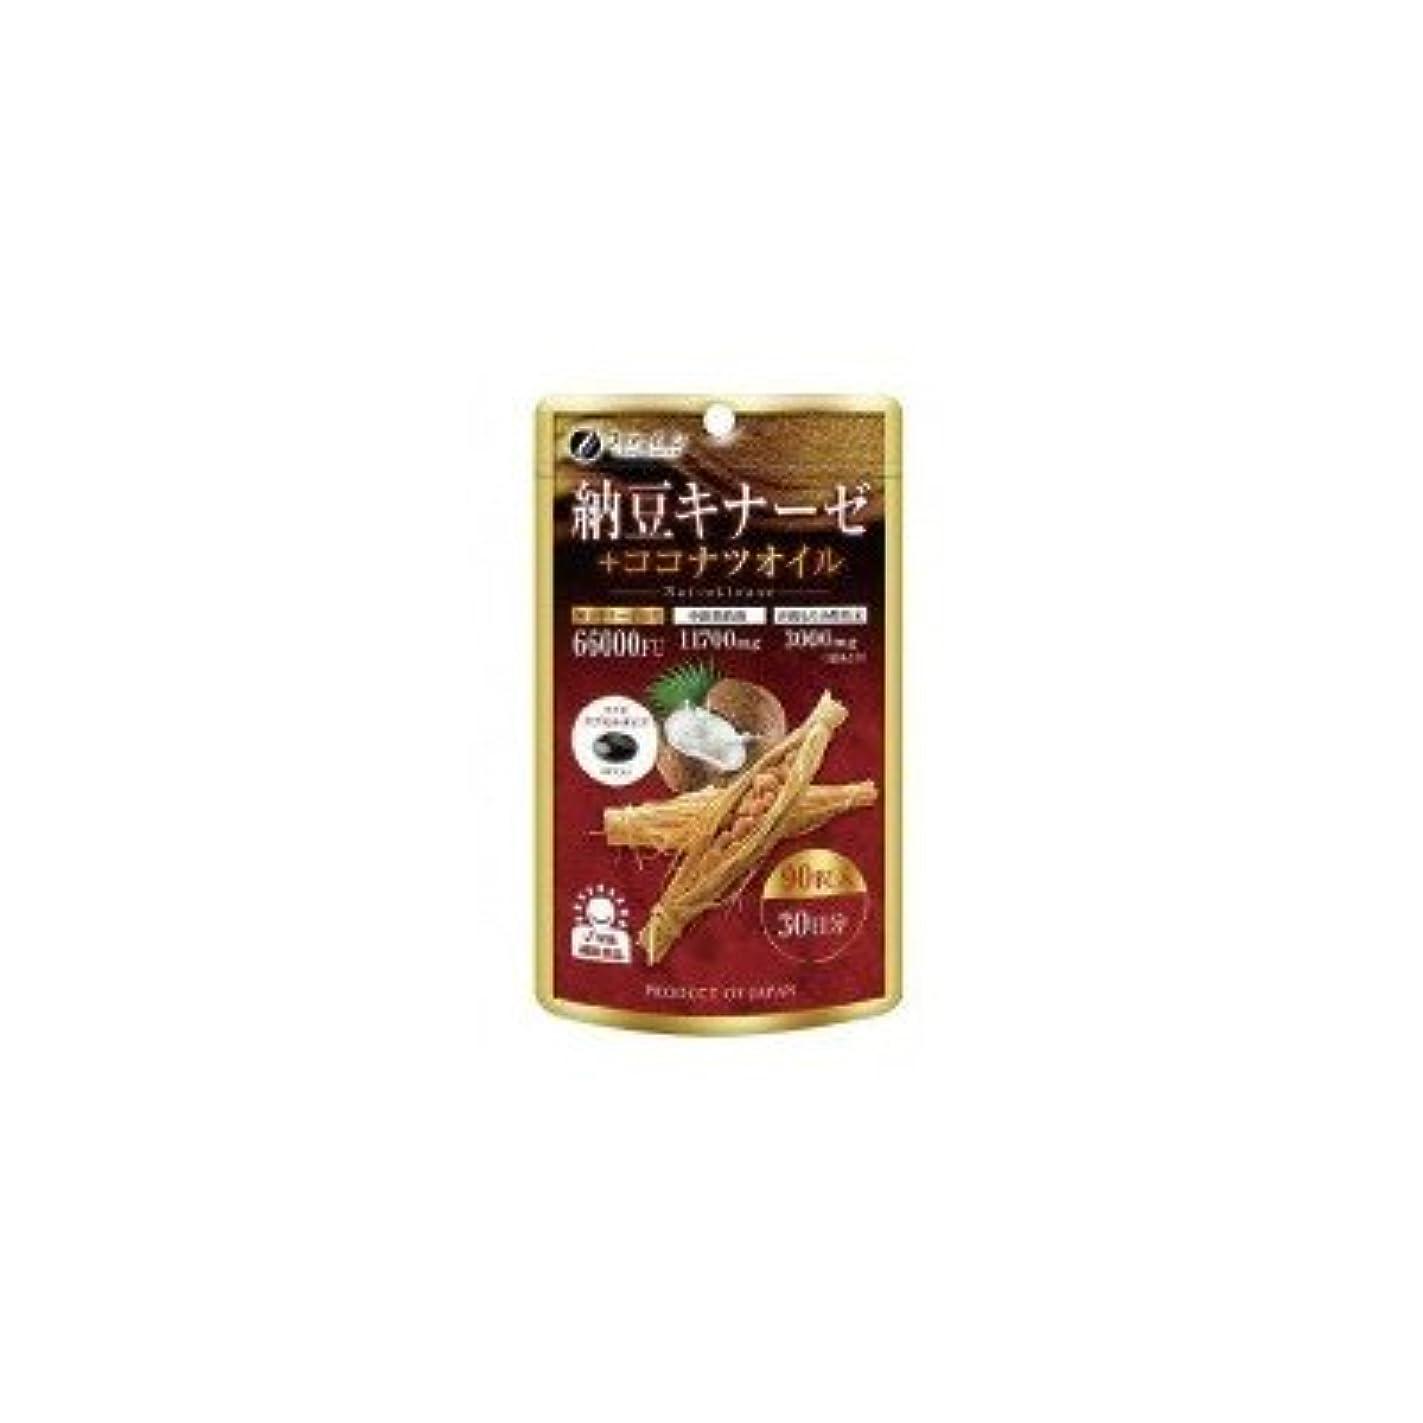 接続されたキャプチャー本物ファイン 納豆キナーゼ+ココナツオイル 40.5g(450mg×90粒)